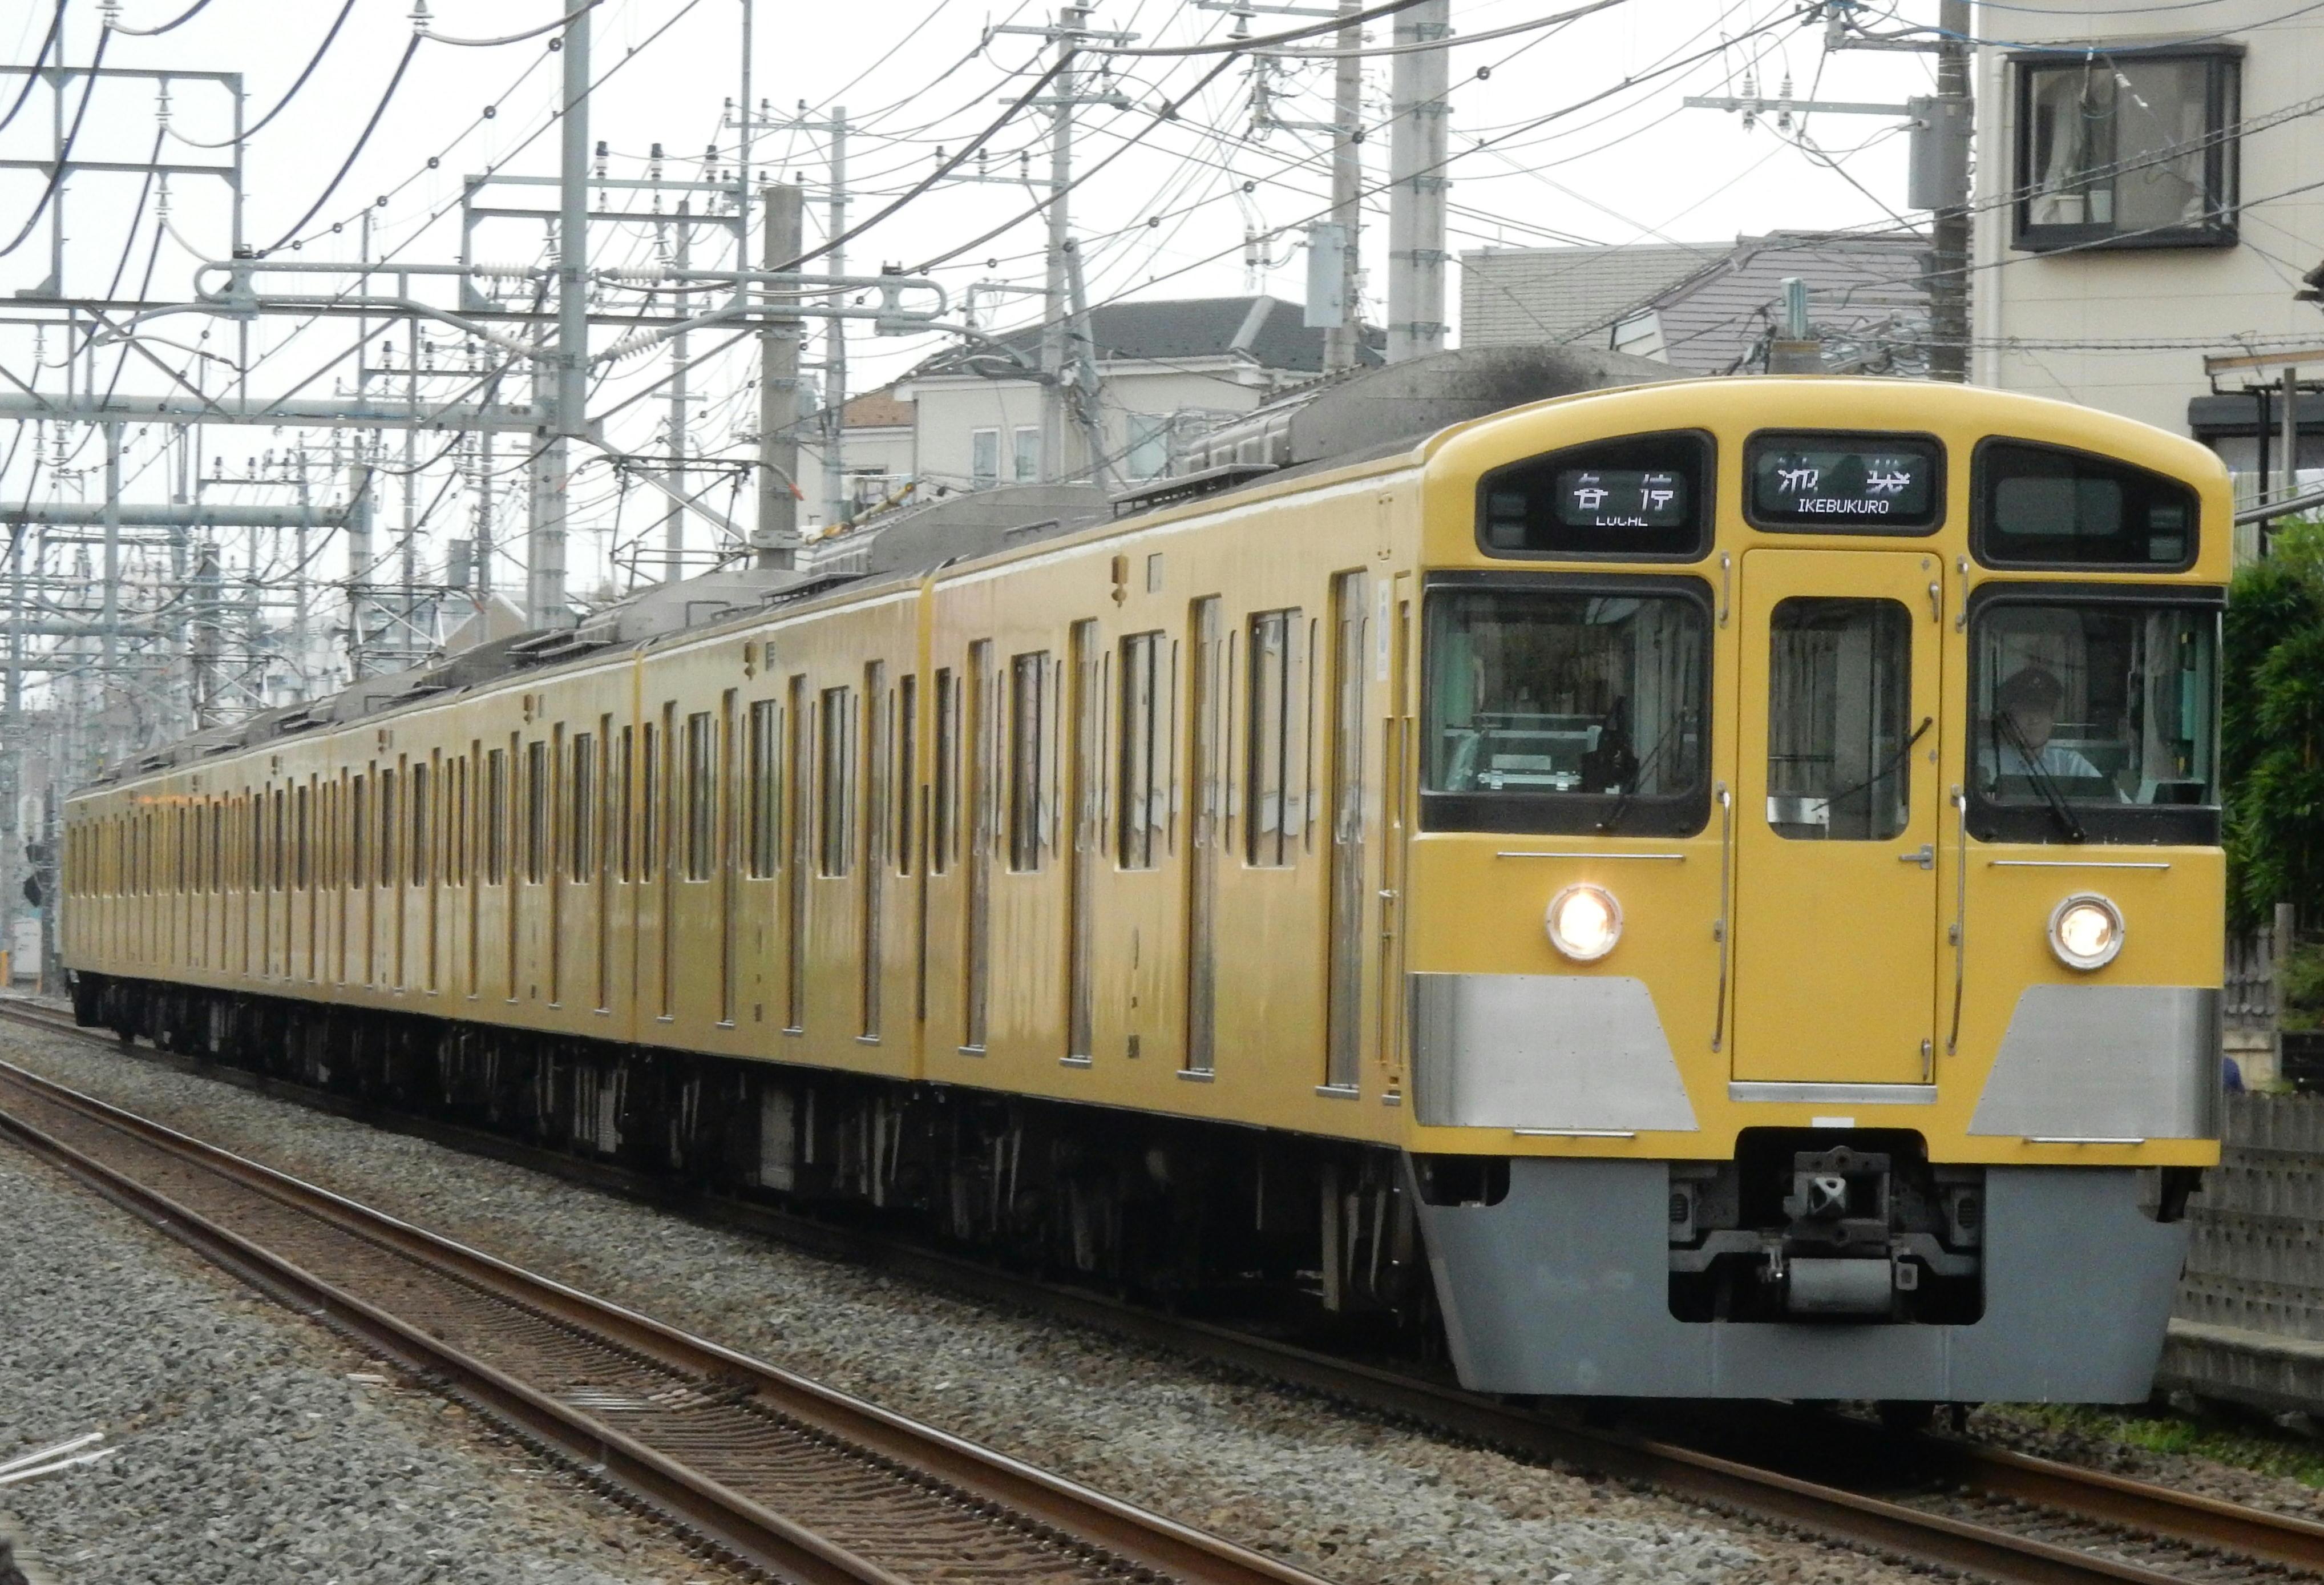 DSCN3747 - コピー